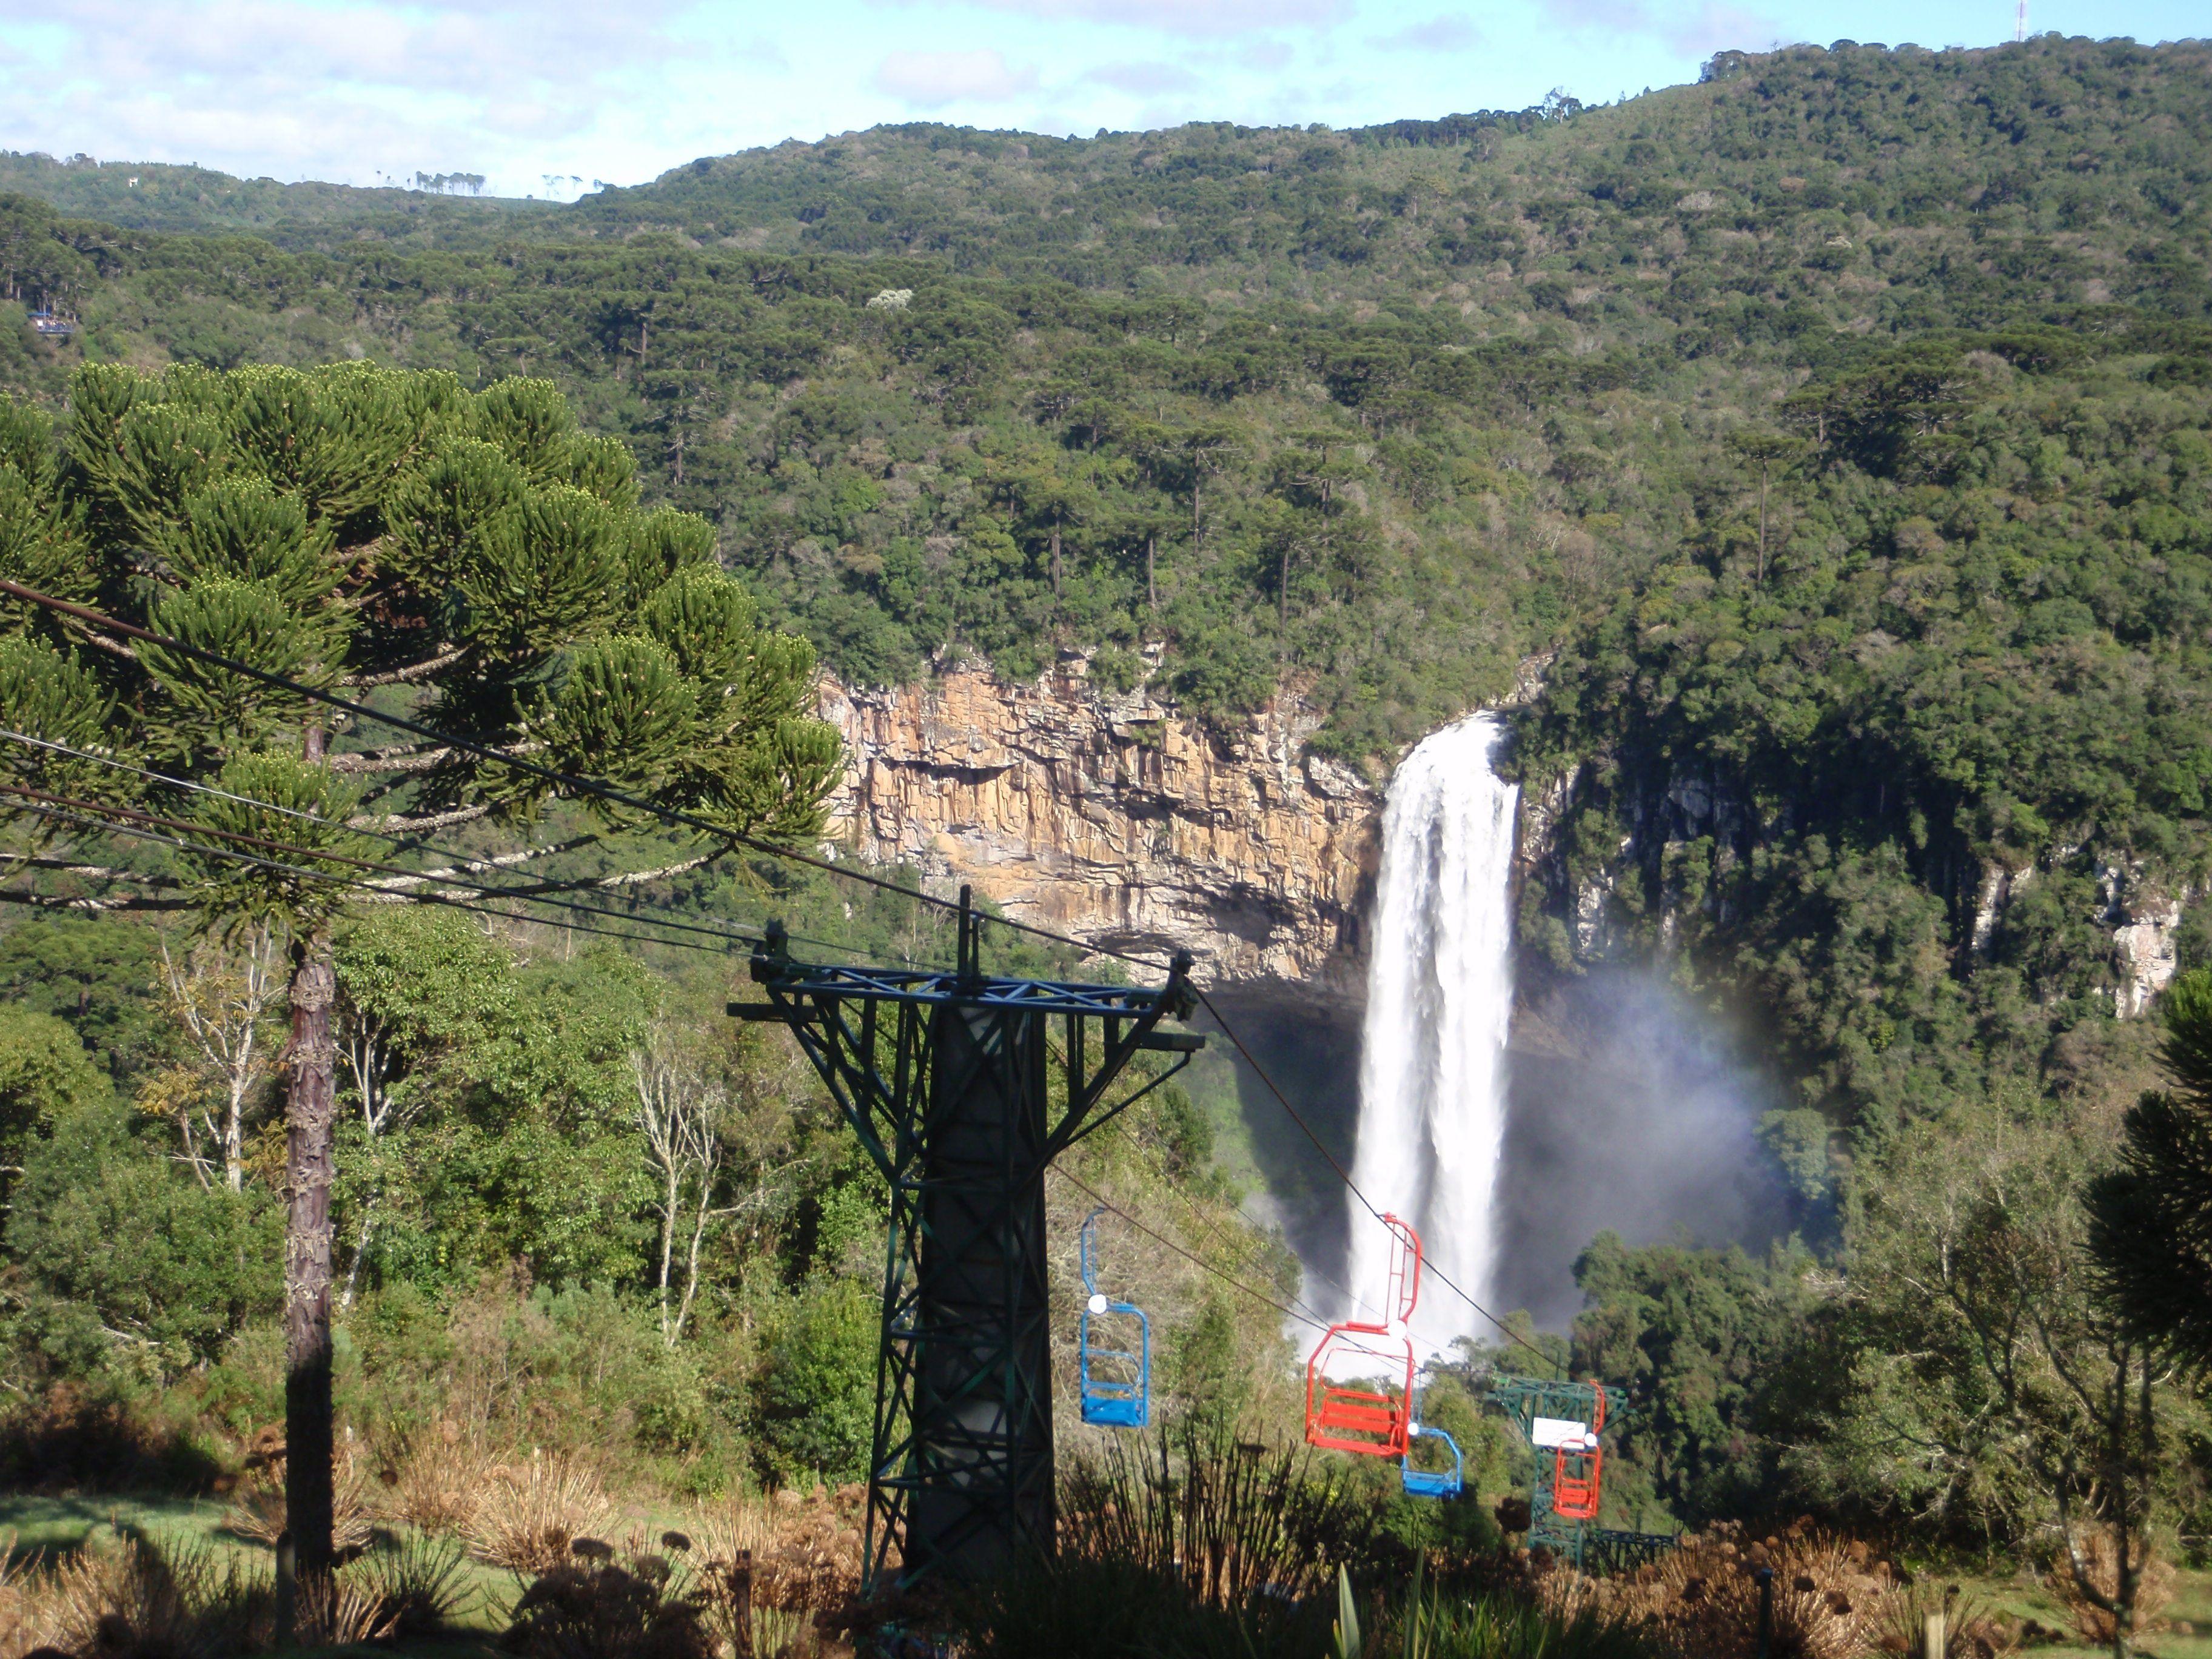 Cachoeira do caracol, canela